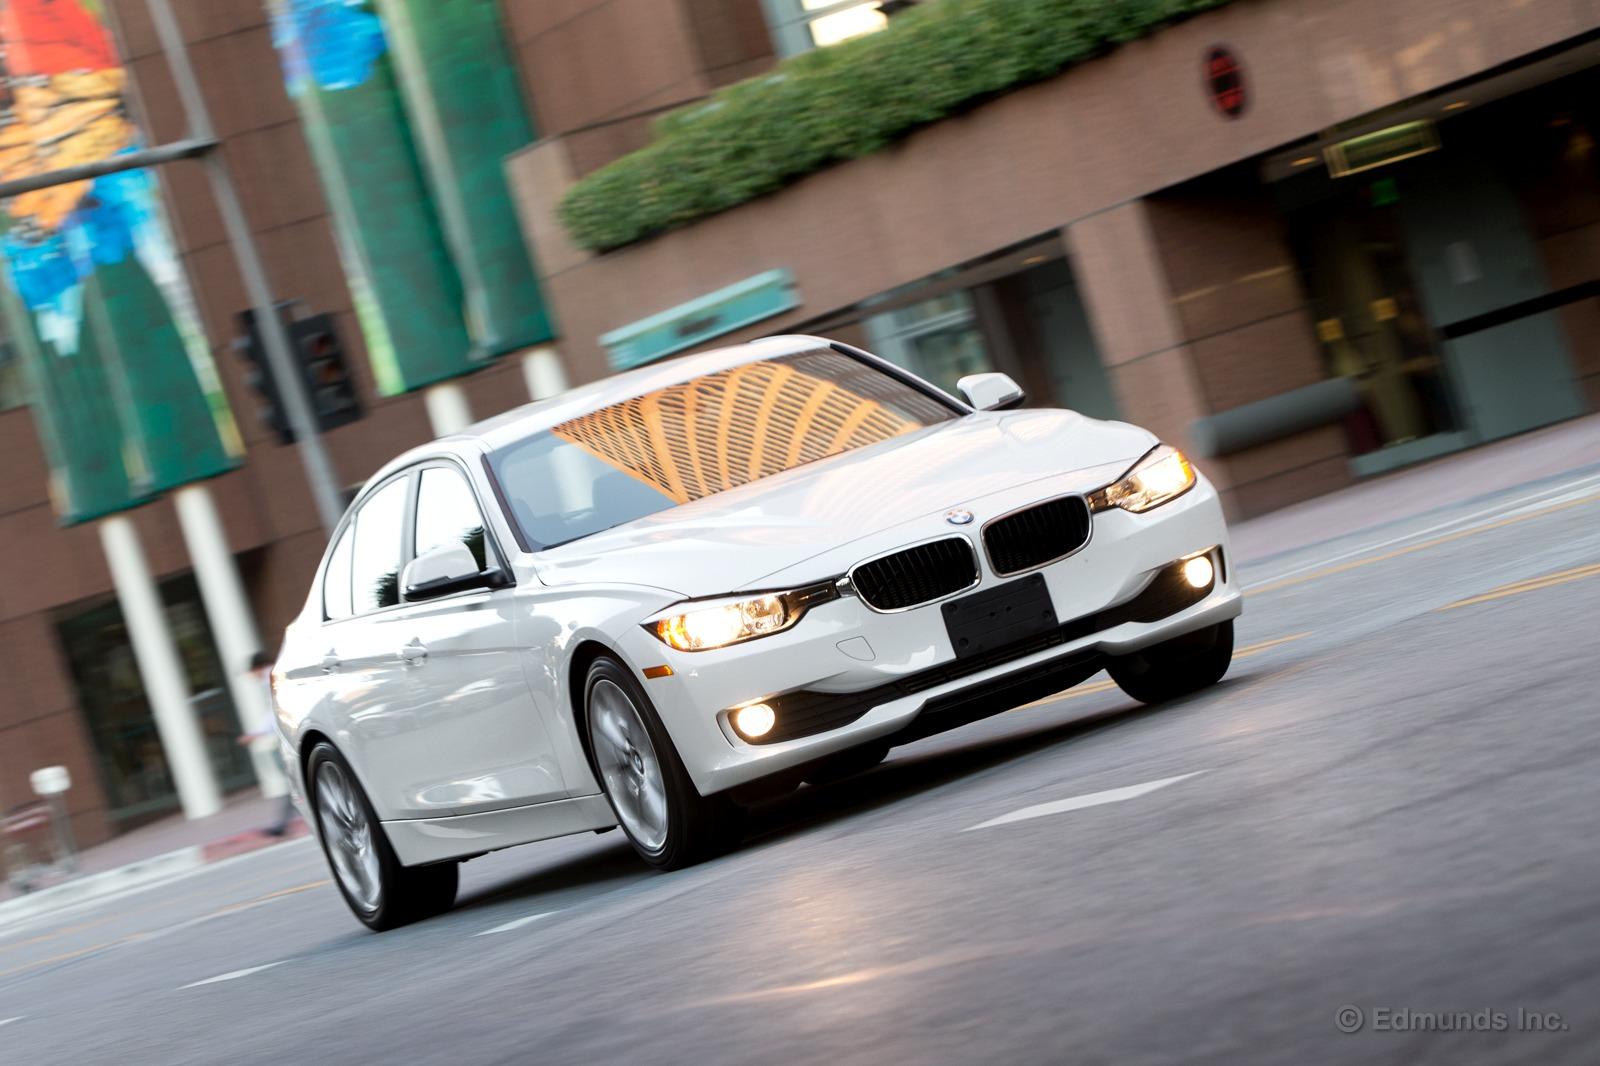 Httpsscdnautoevolutioncomimagesnewsgalle - 2013 bmw 320i review